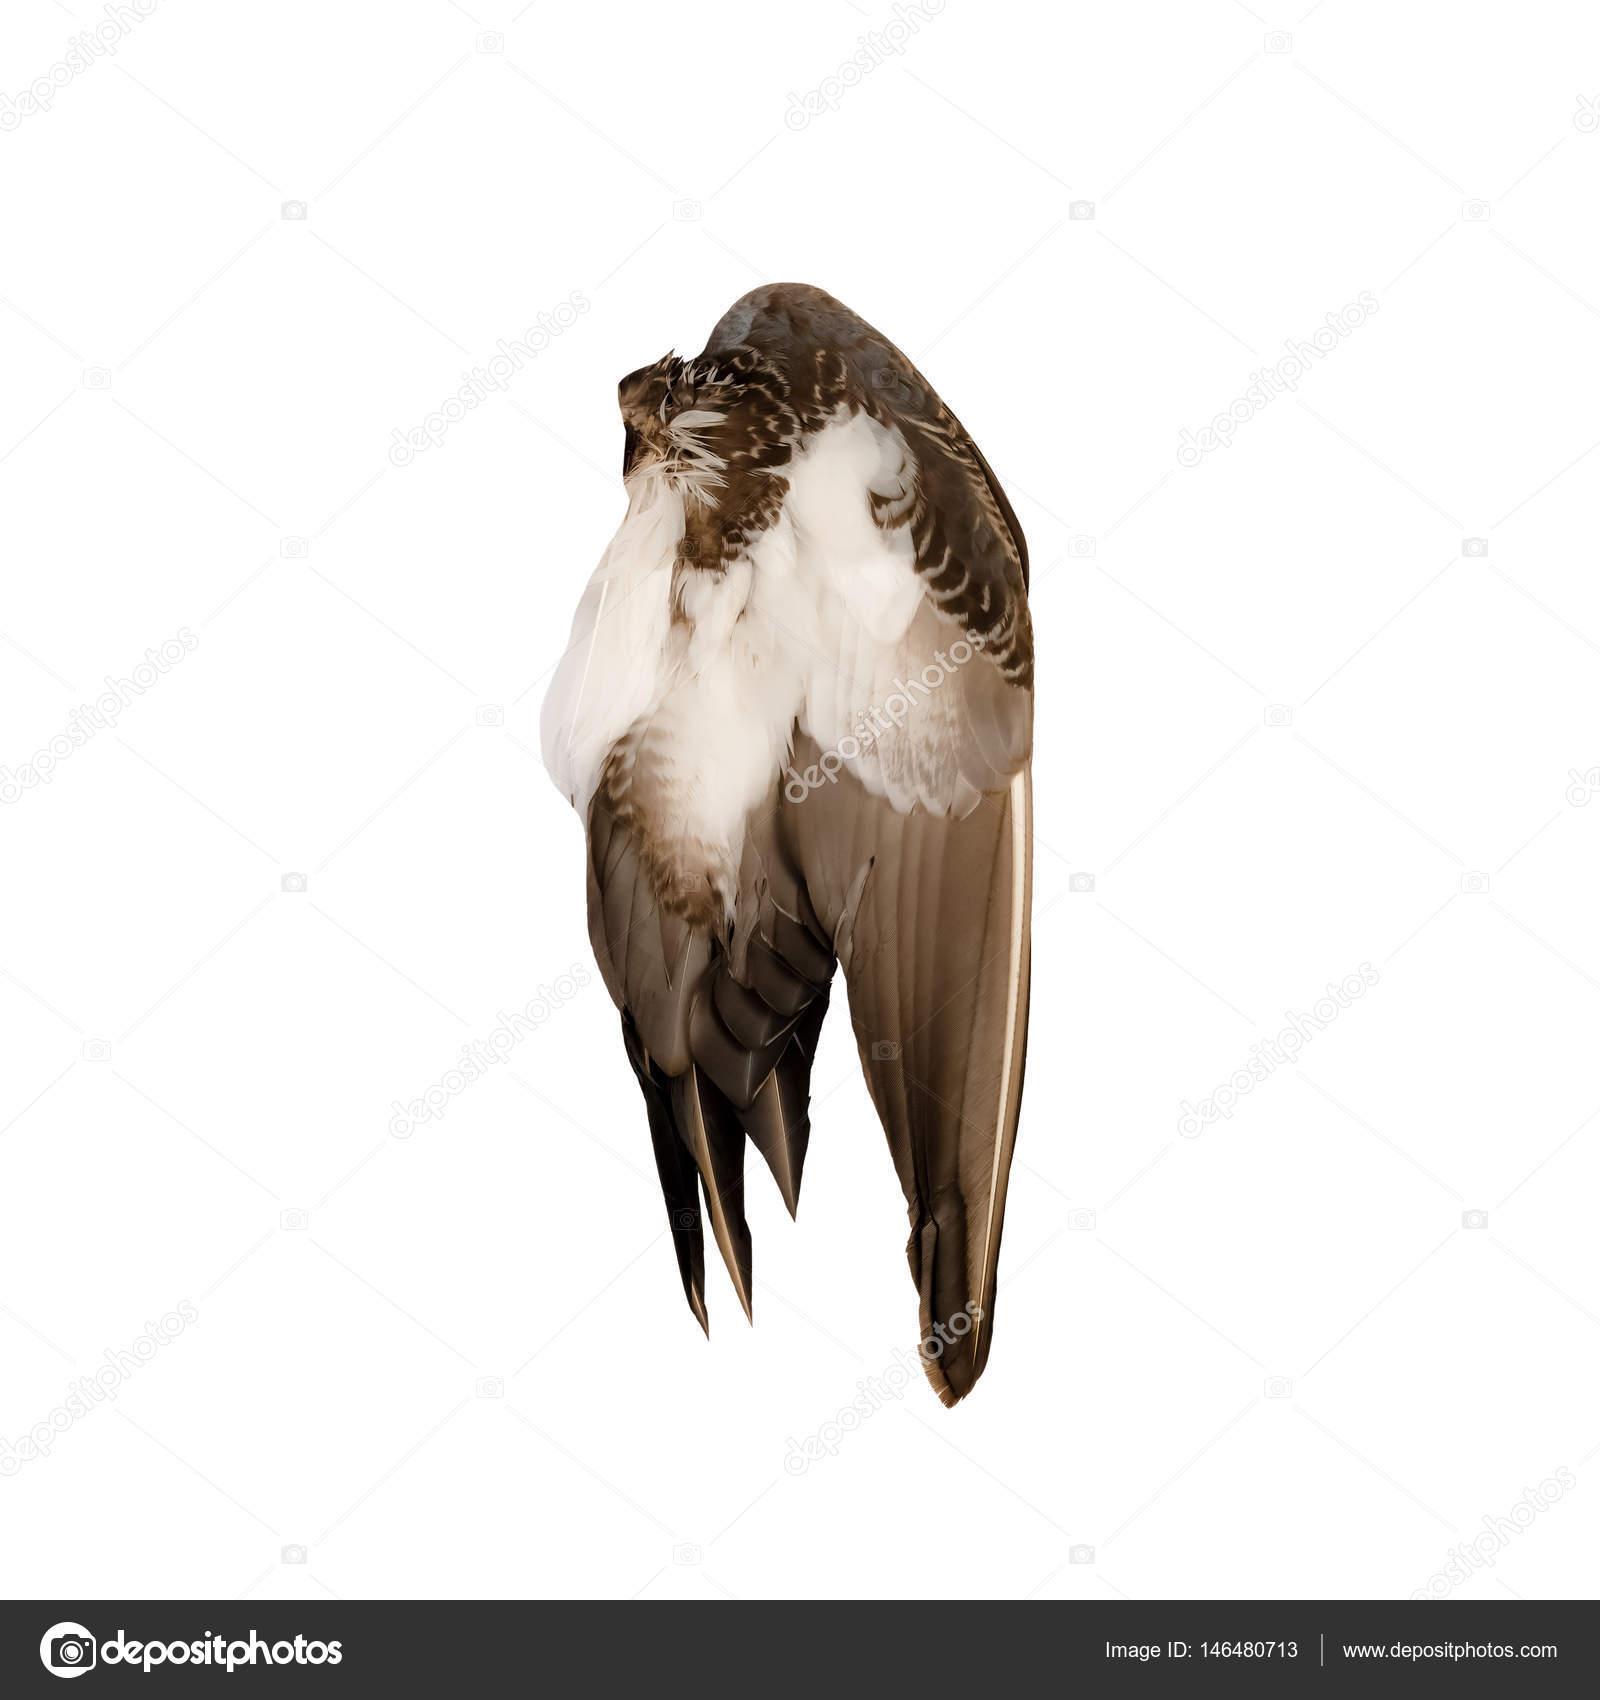 Fondo blanco de Ángel marrón de ala de pájaro de pato real silvestre ...